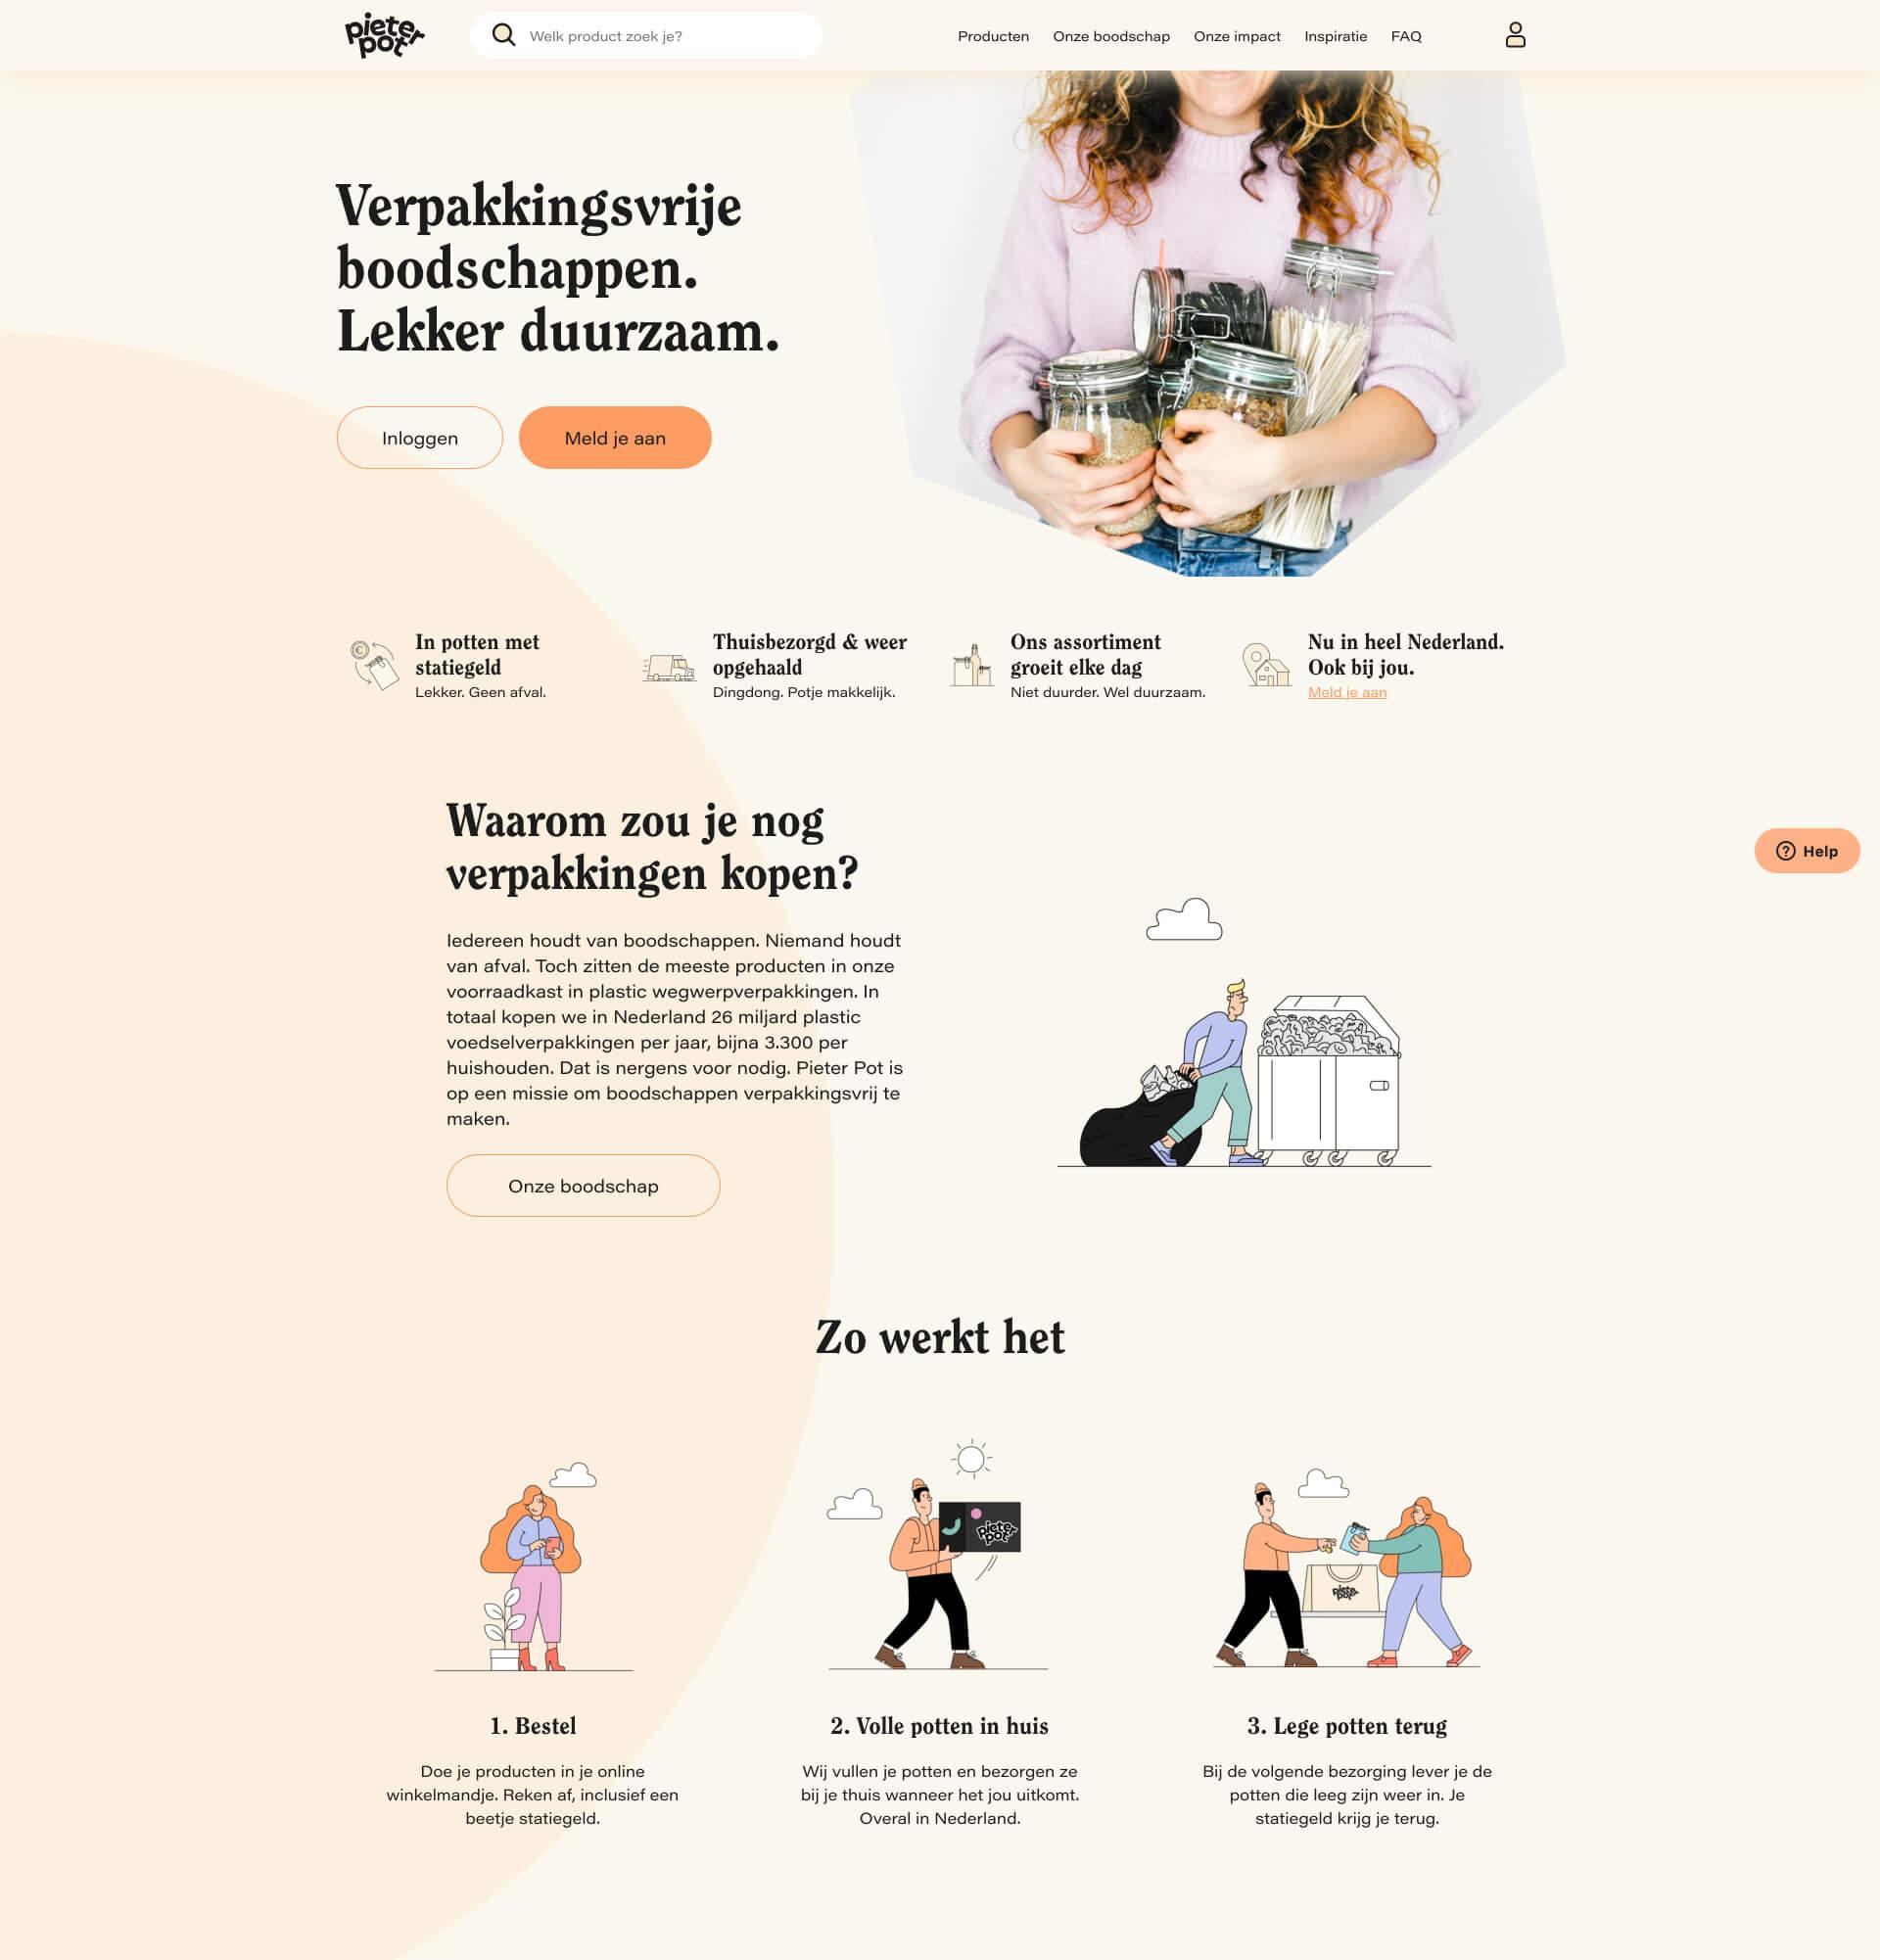 Webpagina van Pieter Pot | Code